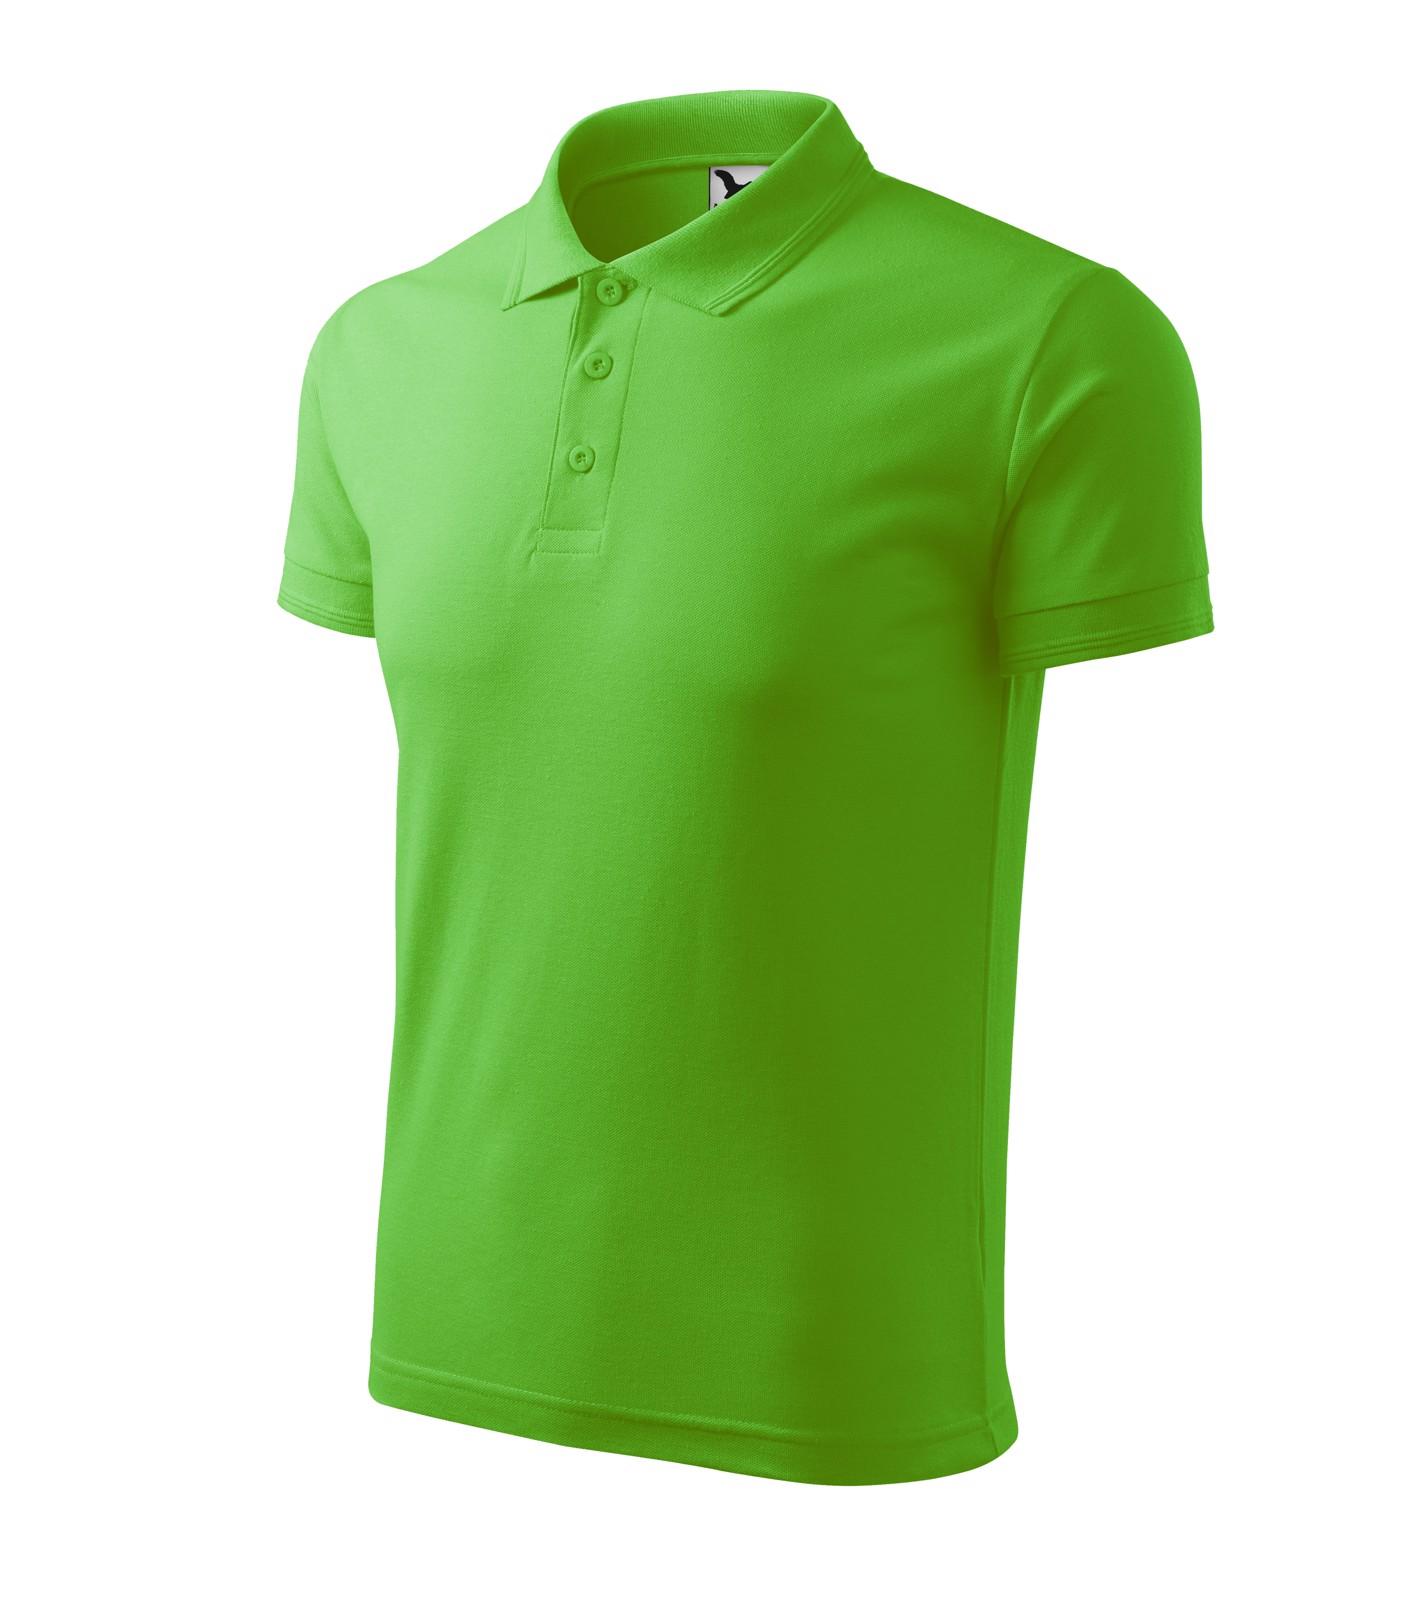 Polo Shirt men's Malfini Pique Polo - Apple Green / M